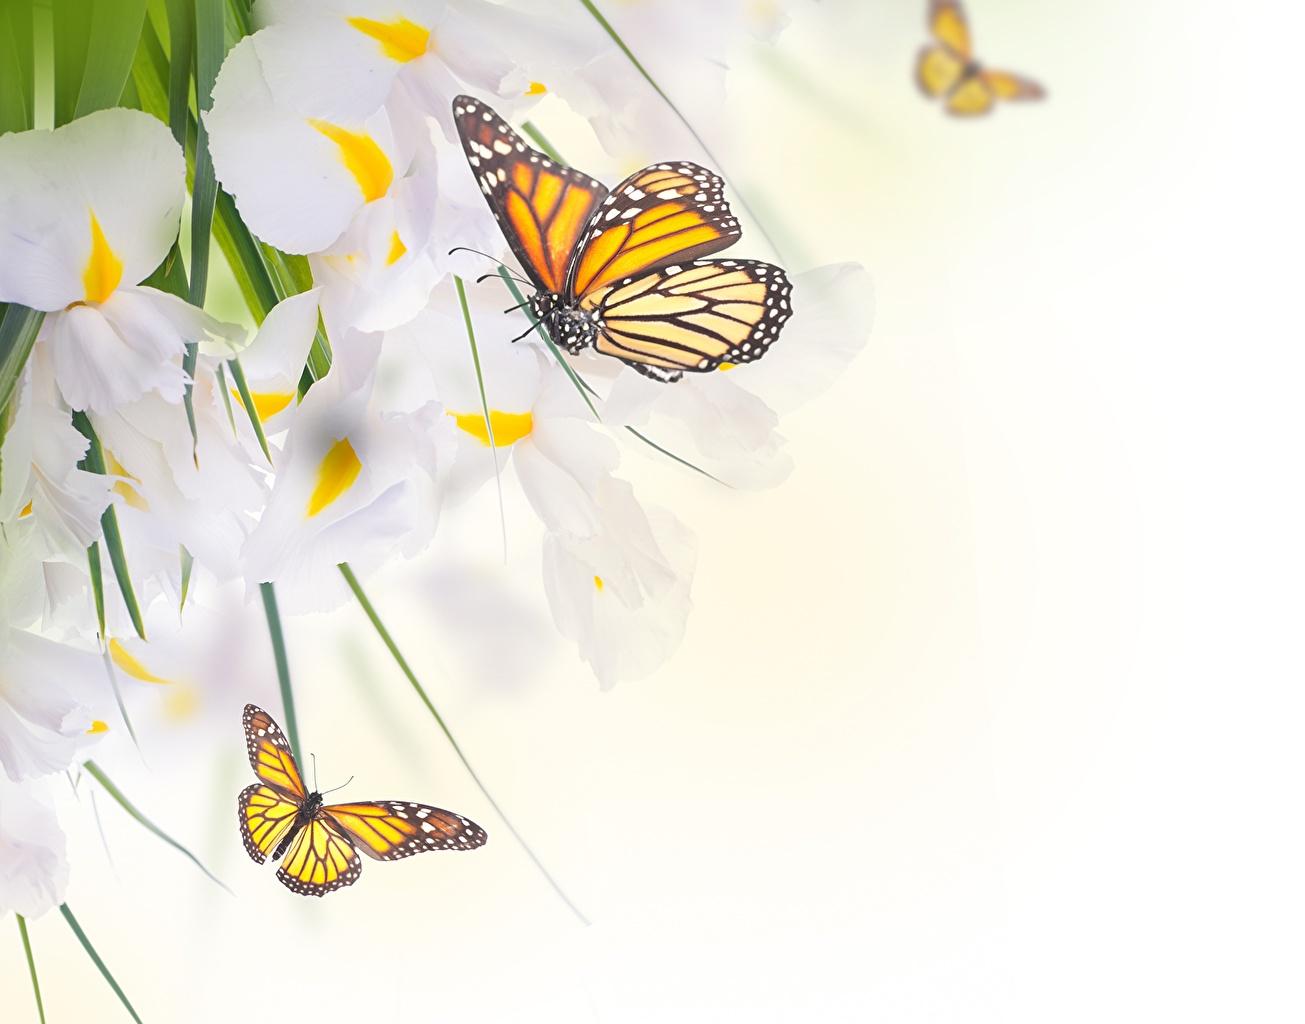 Fonds D'Ecran Papilionoidea Monarque Papillon Iris Animaux tout Fond ?Cran Fleurs Et Oiseaux